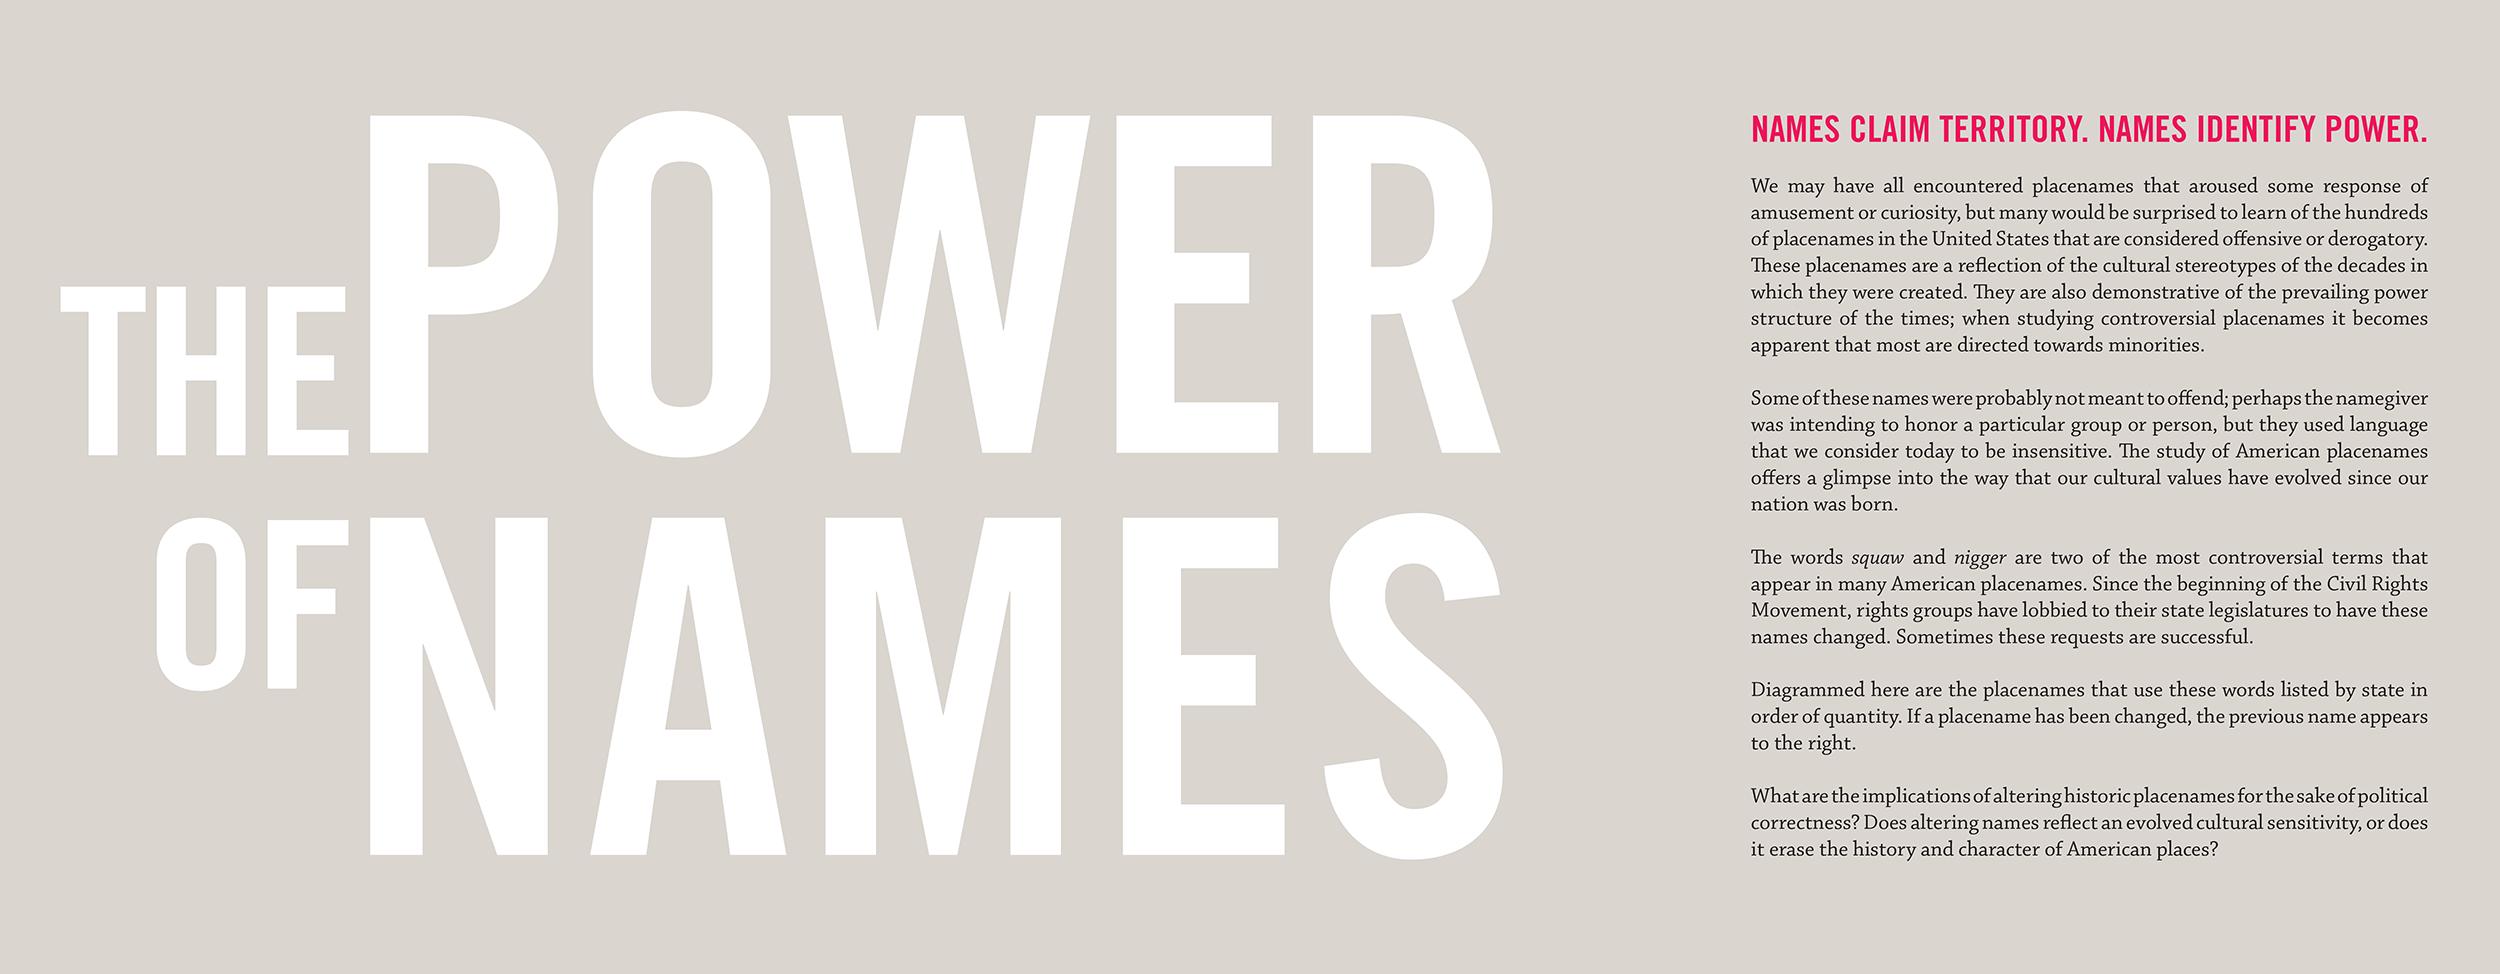 PowerofNames_Barr_2.png